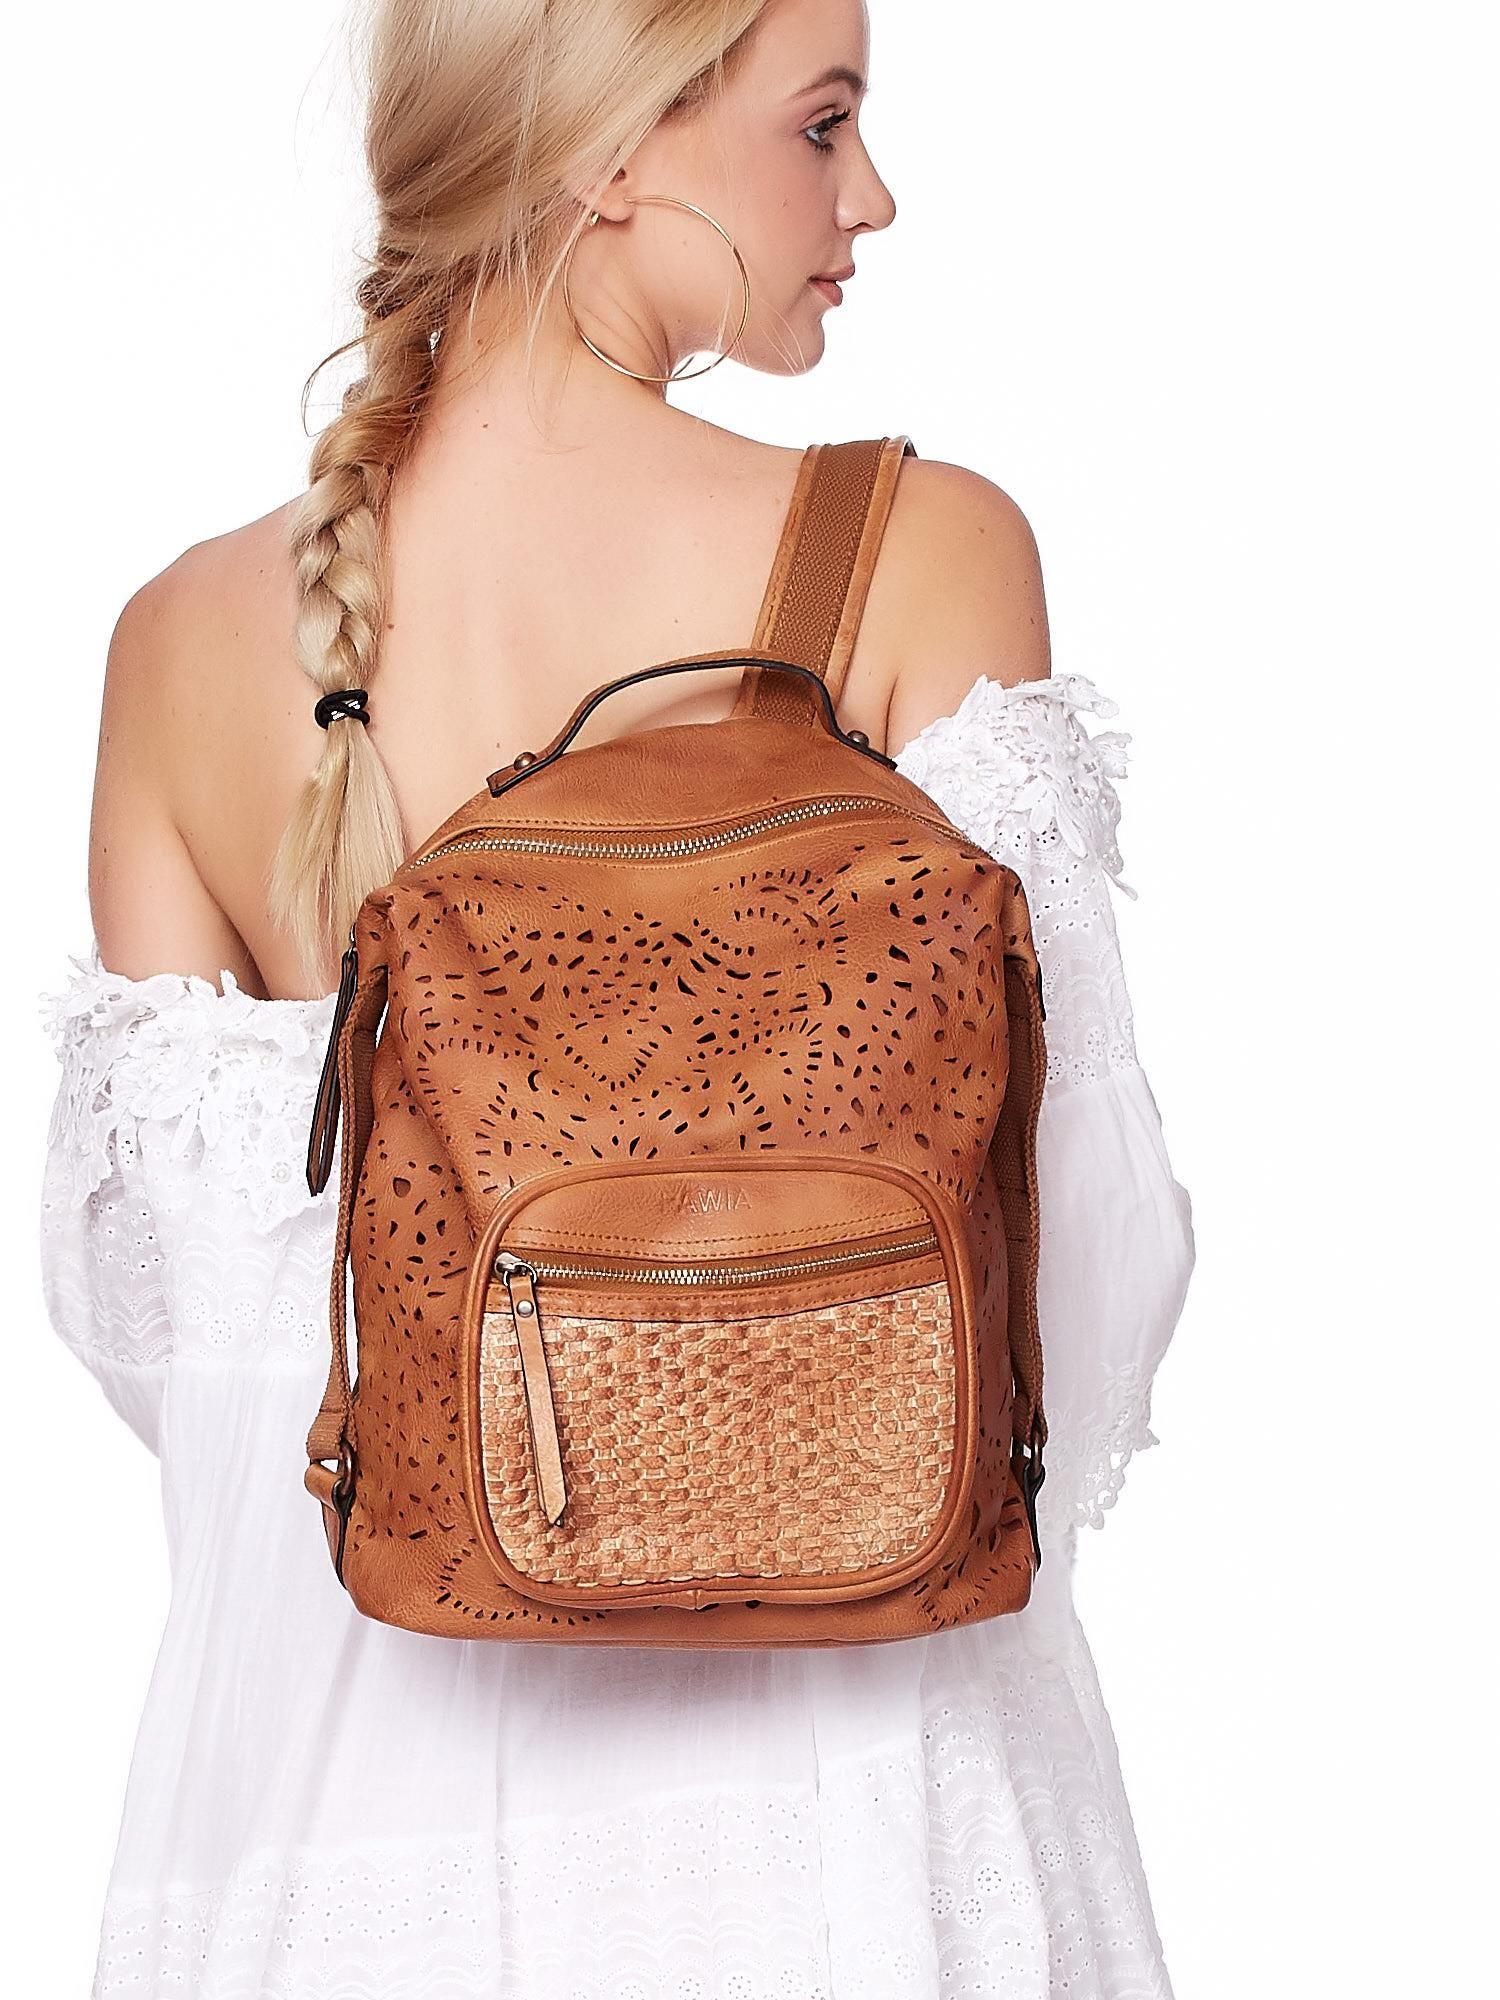 19079db89dcb1 Brązowy plecak damski z eko skóry z ażurowaniem i plecionką ...